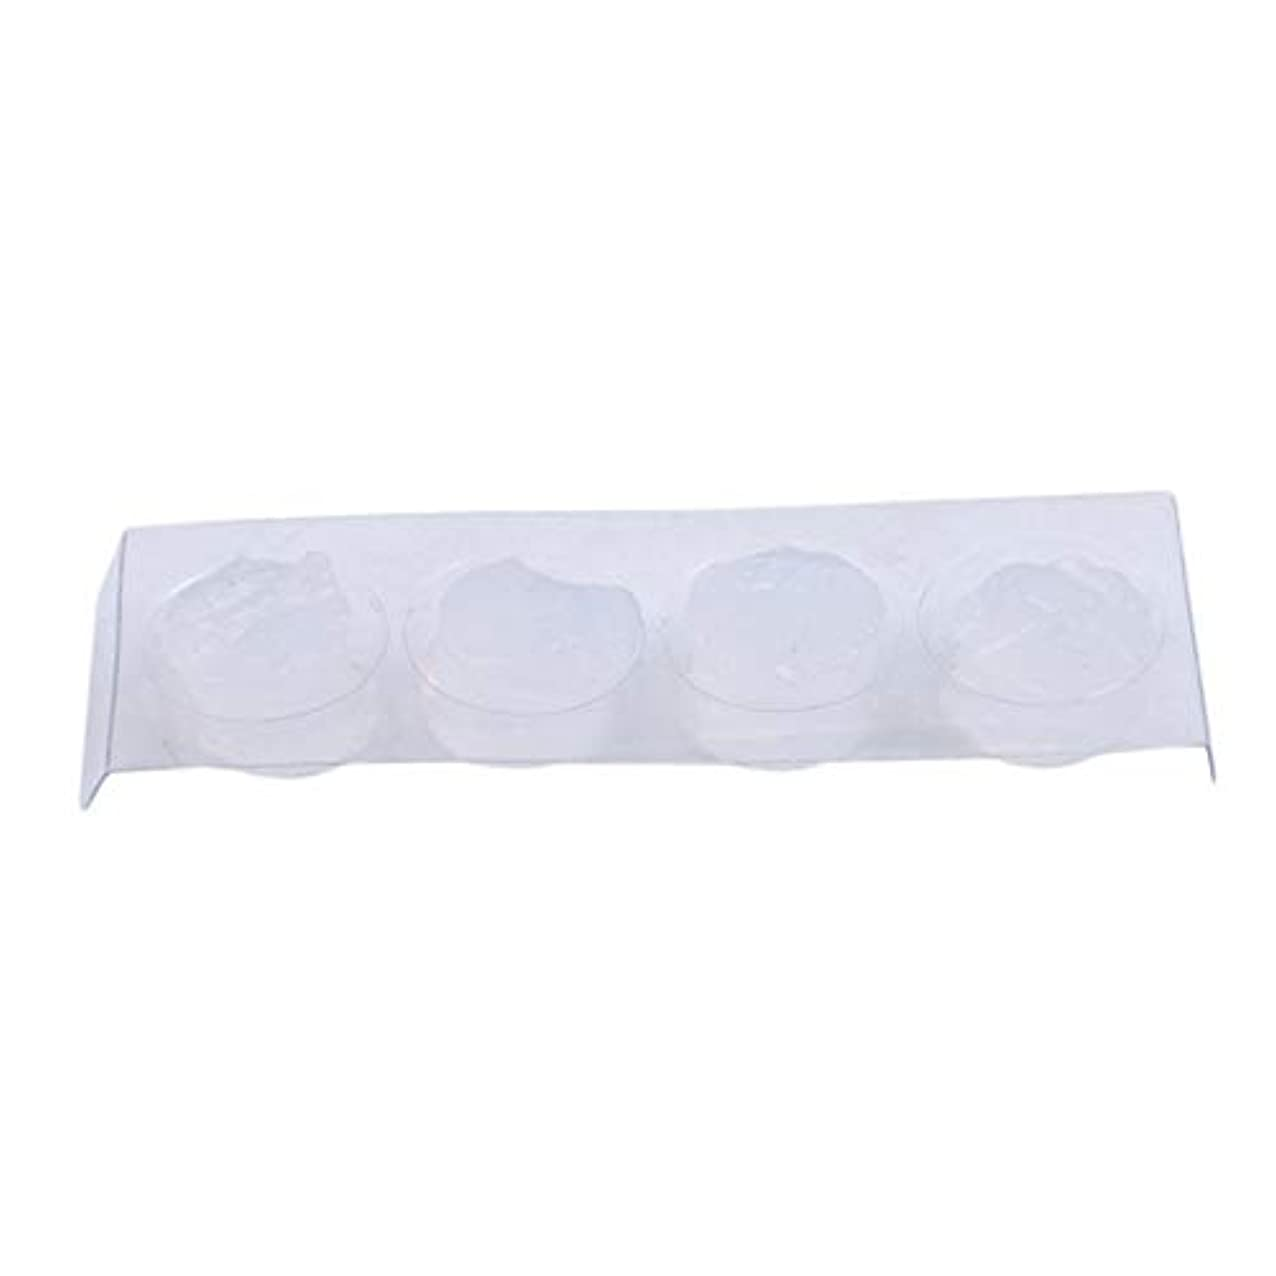 ブルームヒント高潔なLJSLYJ 騒音防止の防音の防音の耳栓に対する静かなシリコーンの水泳の耳栓静かな保護聴覚の耳栓